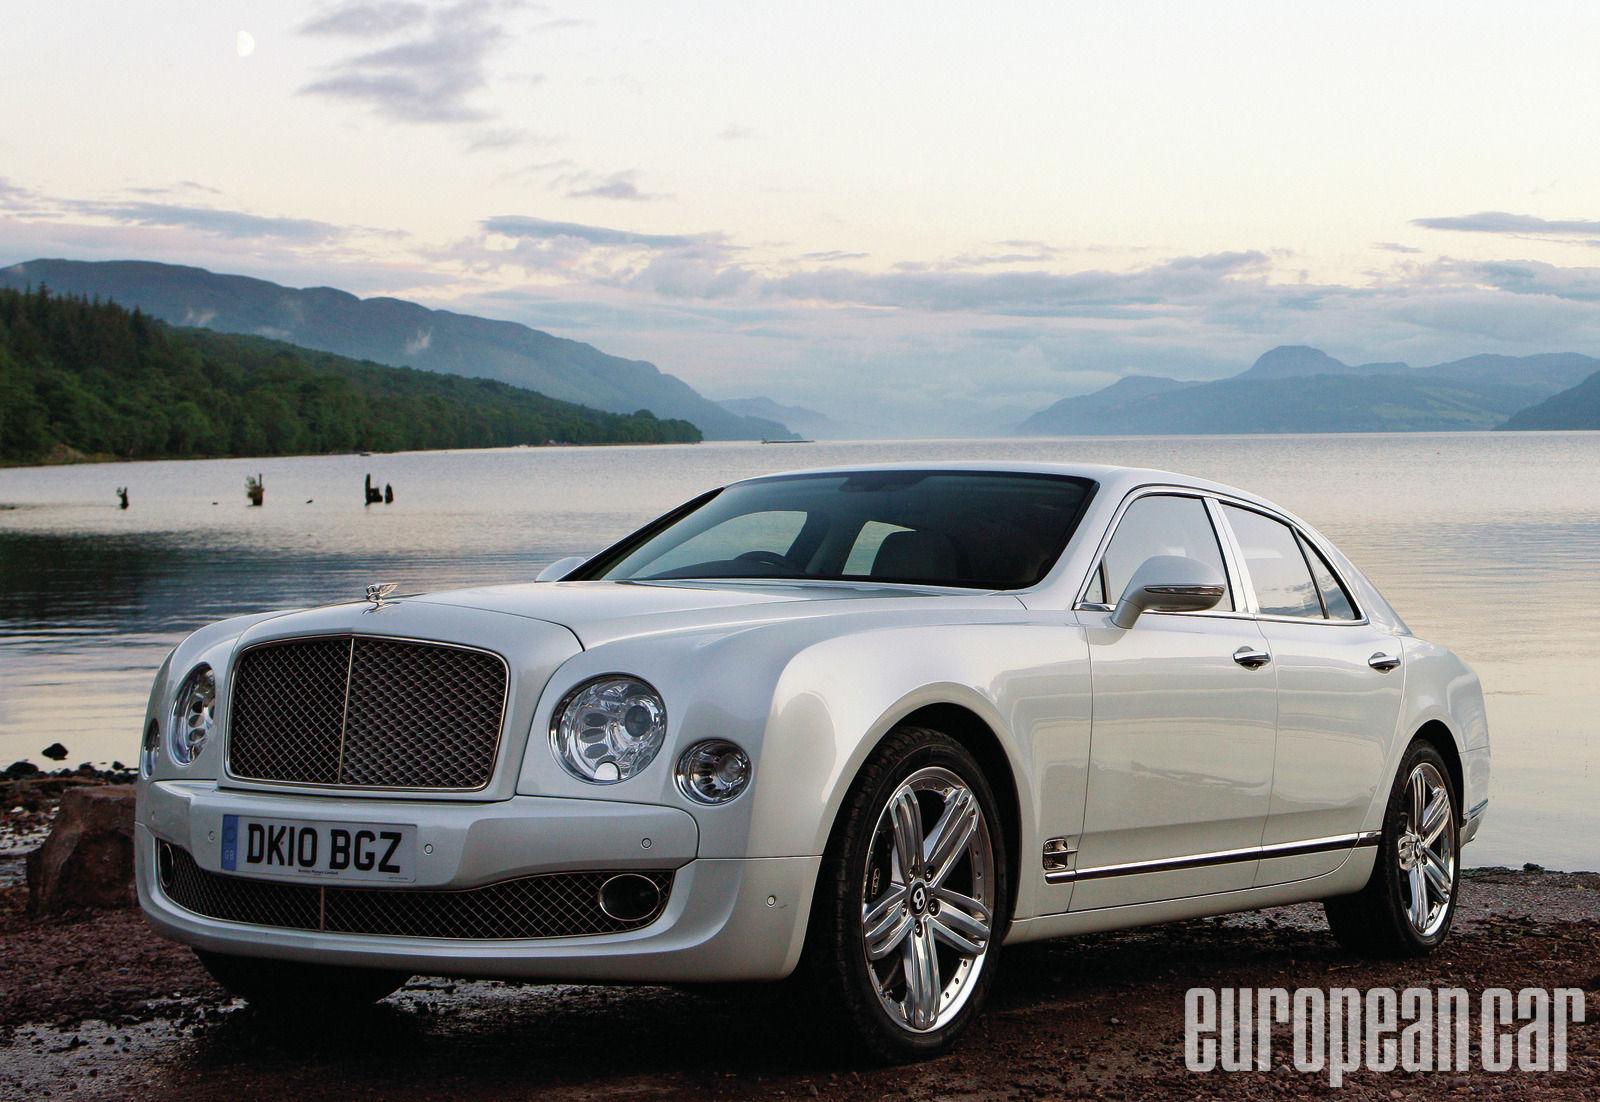 2010 Bentley Mulsanne European Car Magazine